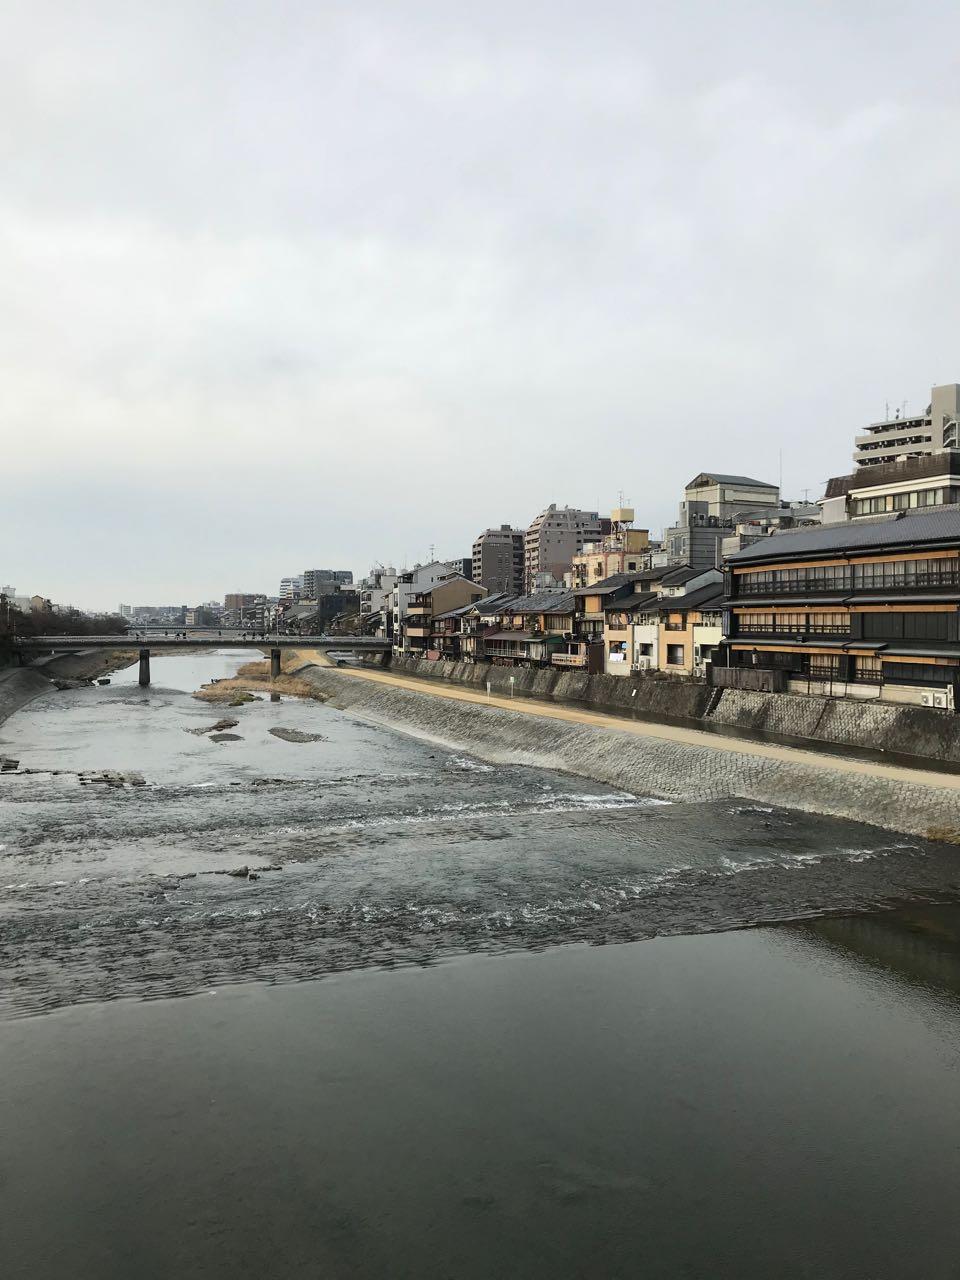 Kyoto river view